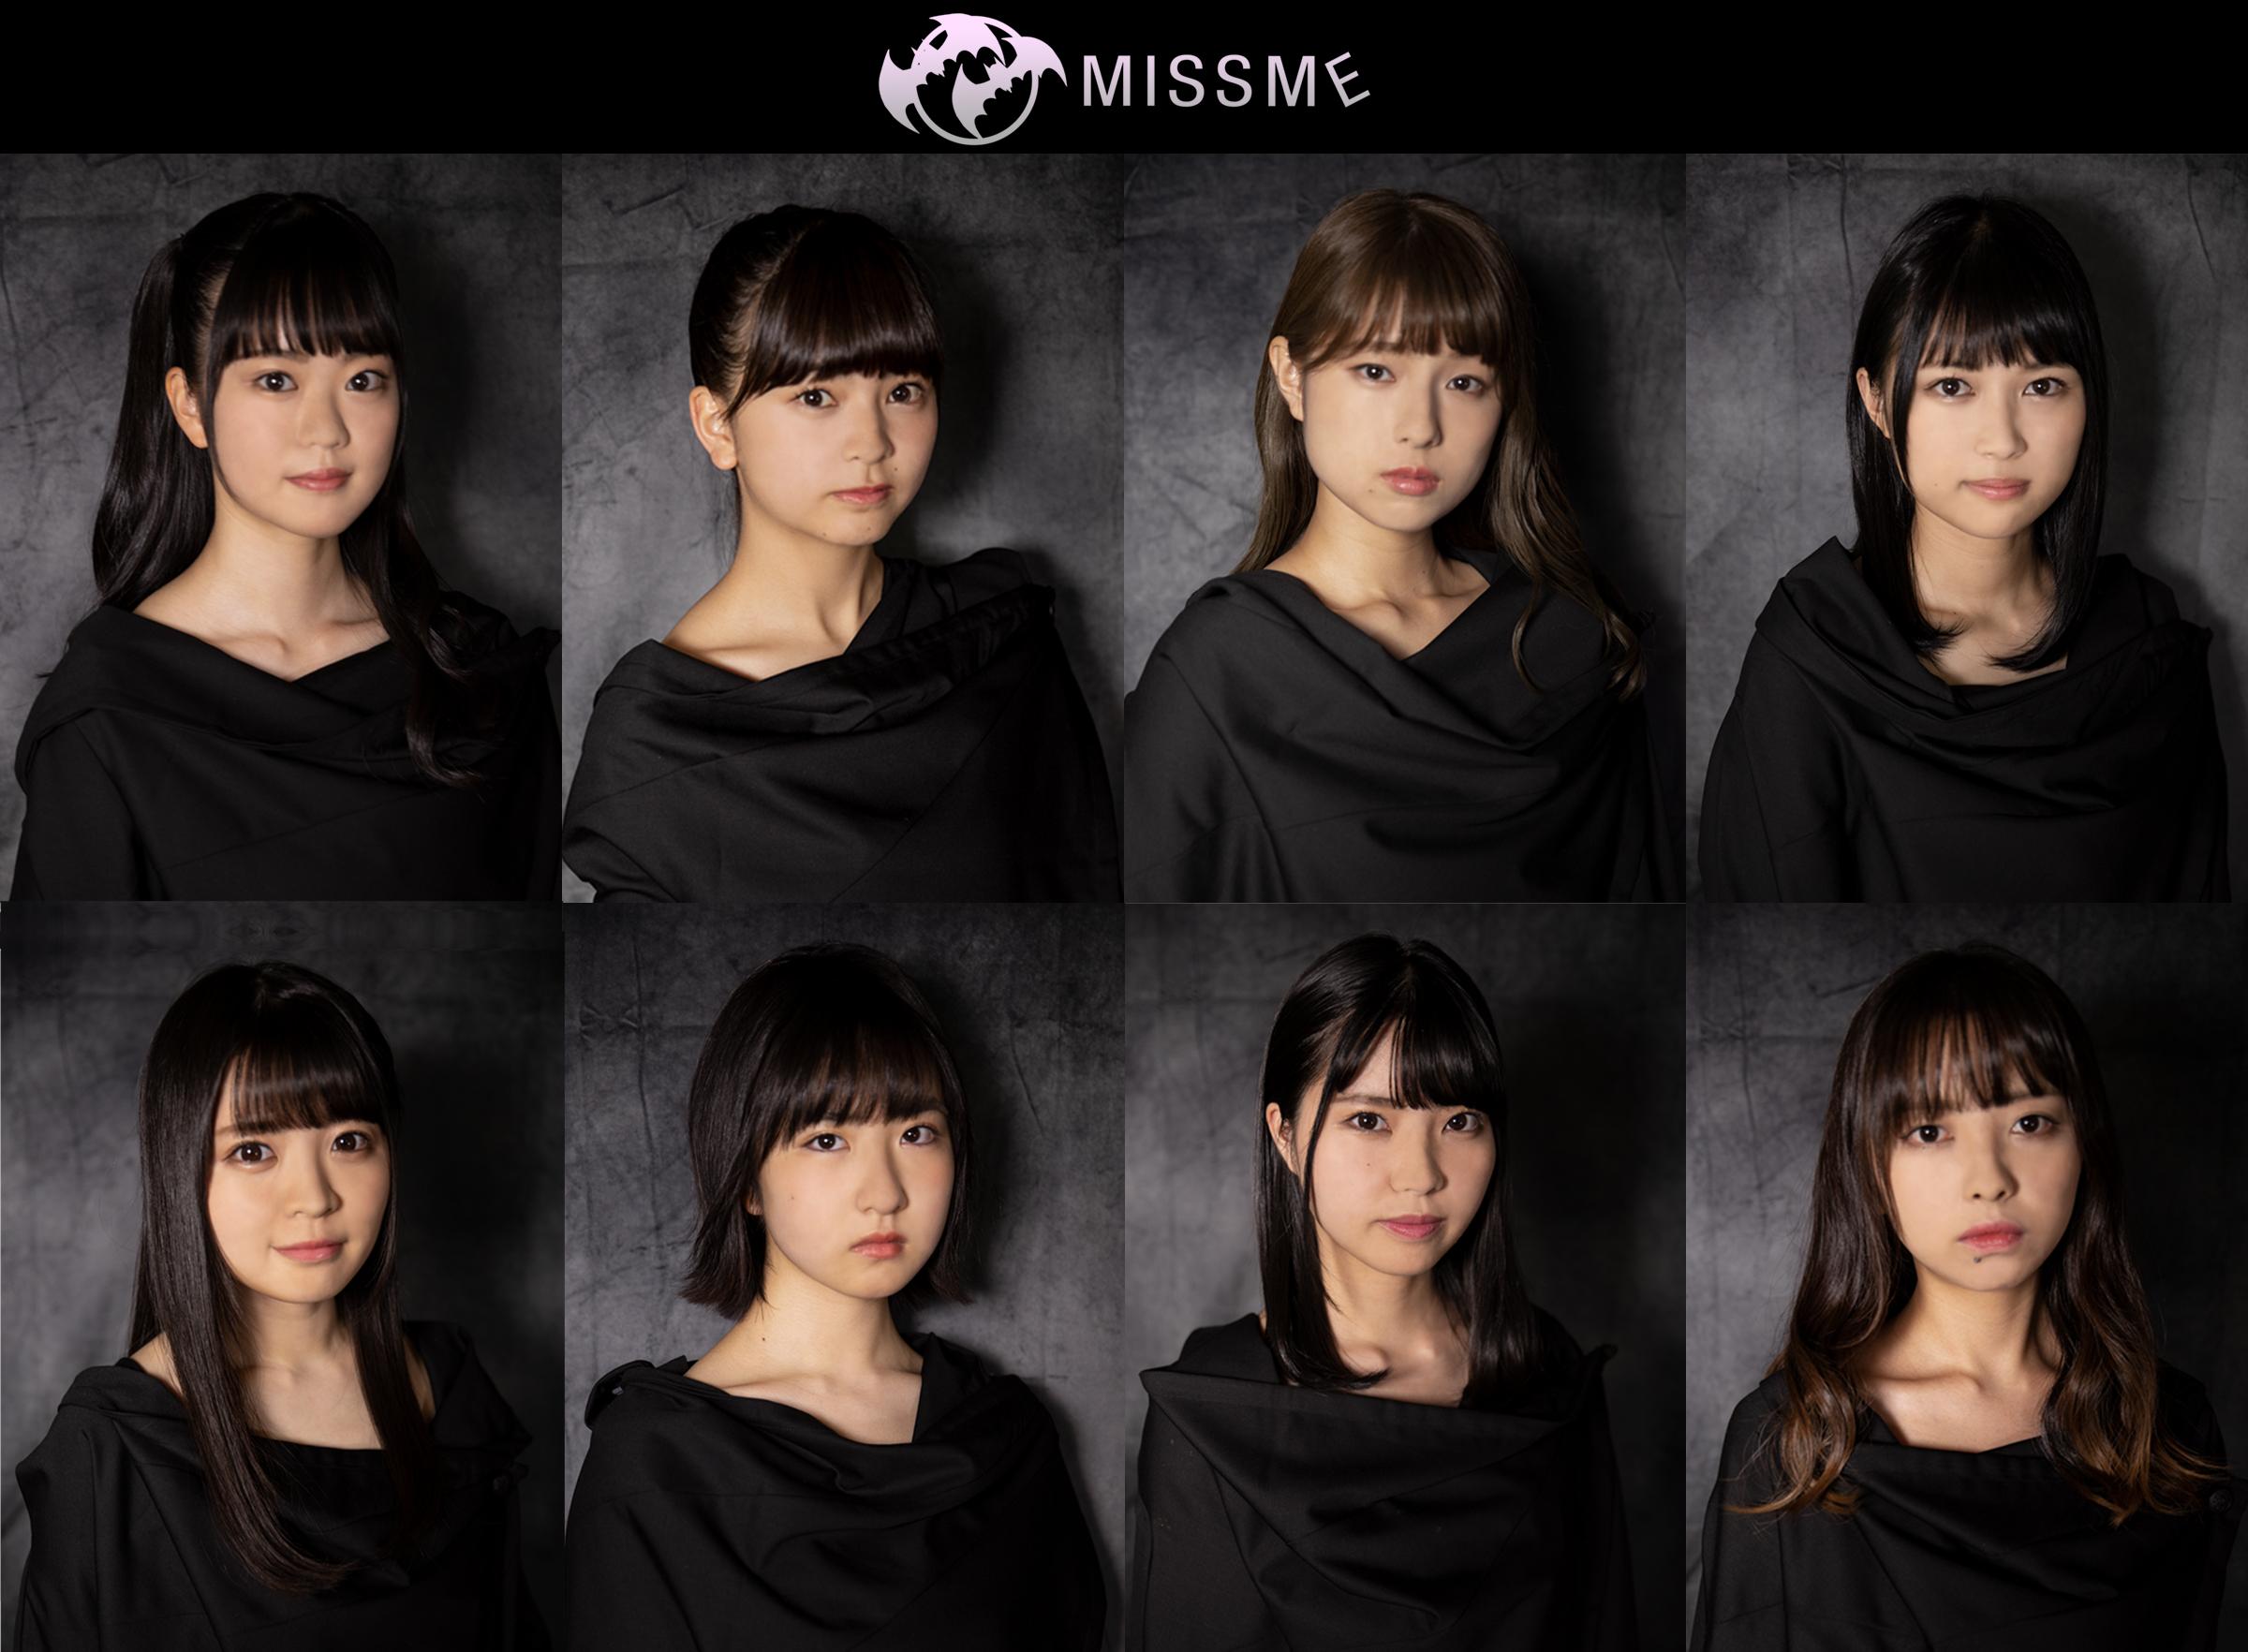 上段左よりRIE・KANO・NONO・HIKARI、下段左よりMAYU・HARU・LINA・RURI(MISS ME)